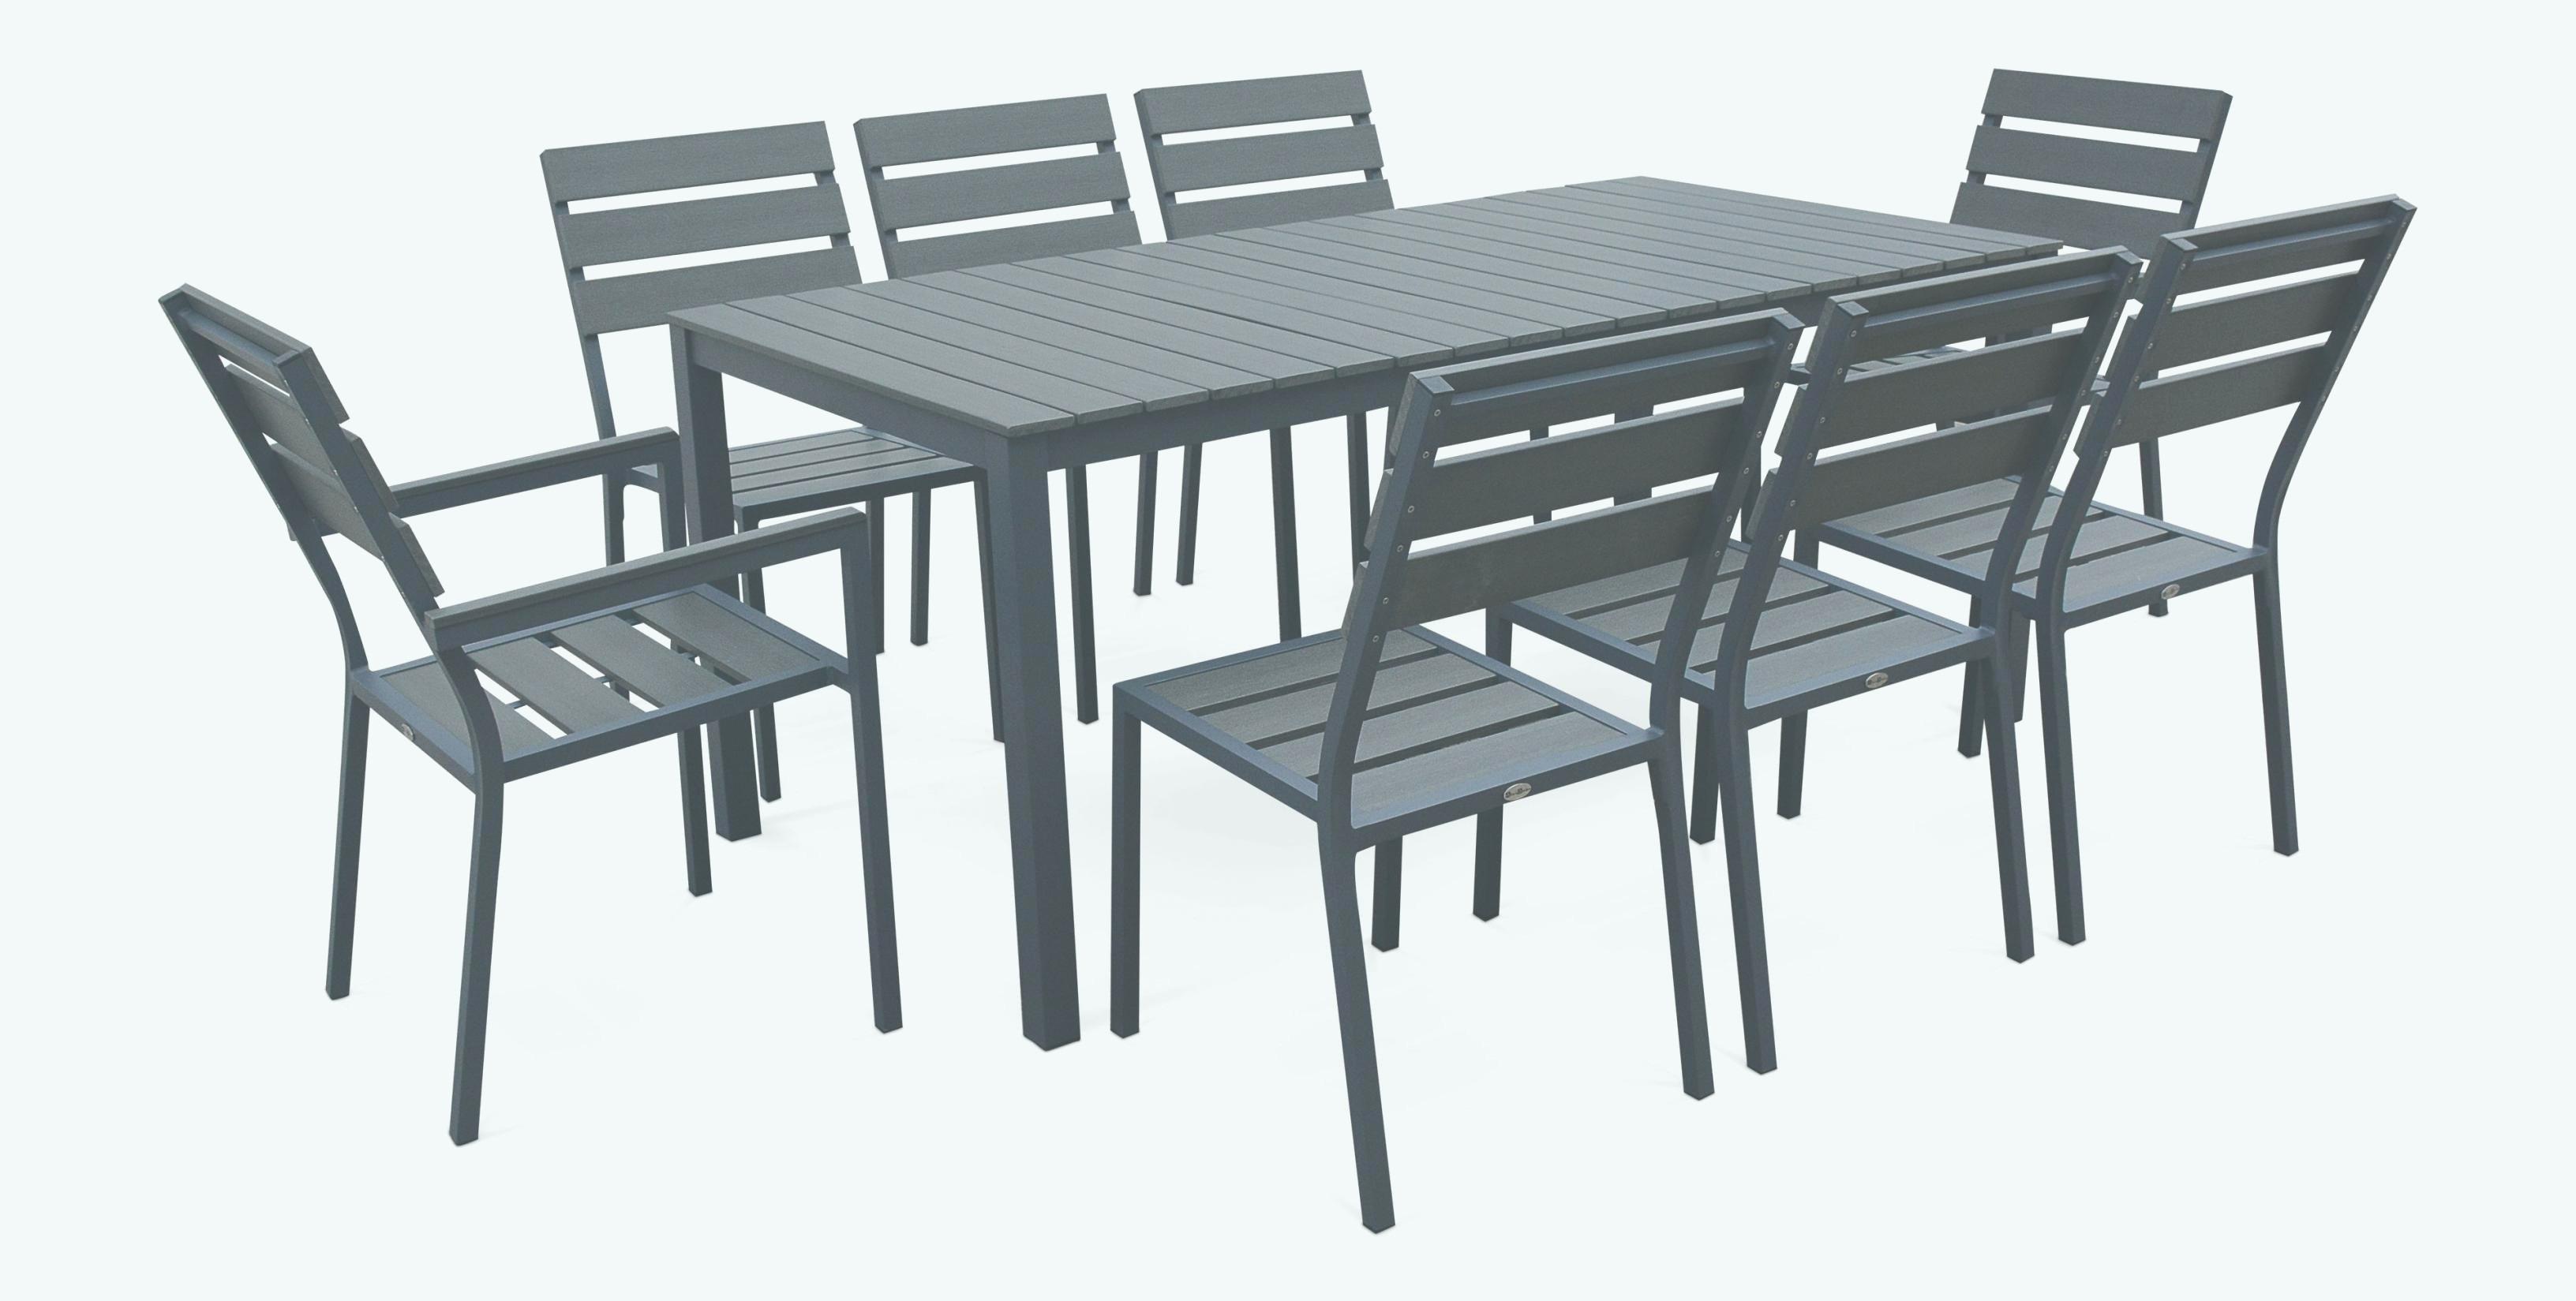 Table et chaise de jardin plastique castorama veranda - Table et chaise de jardin castorama ...